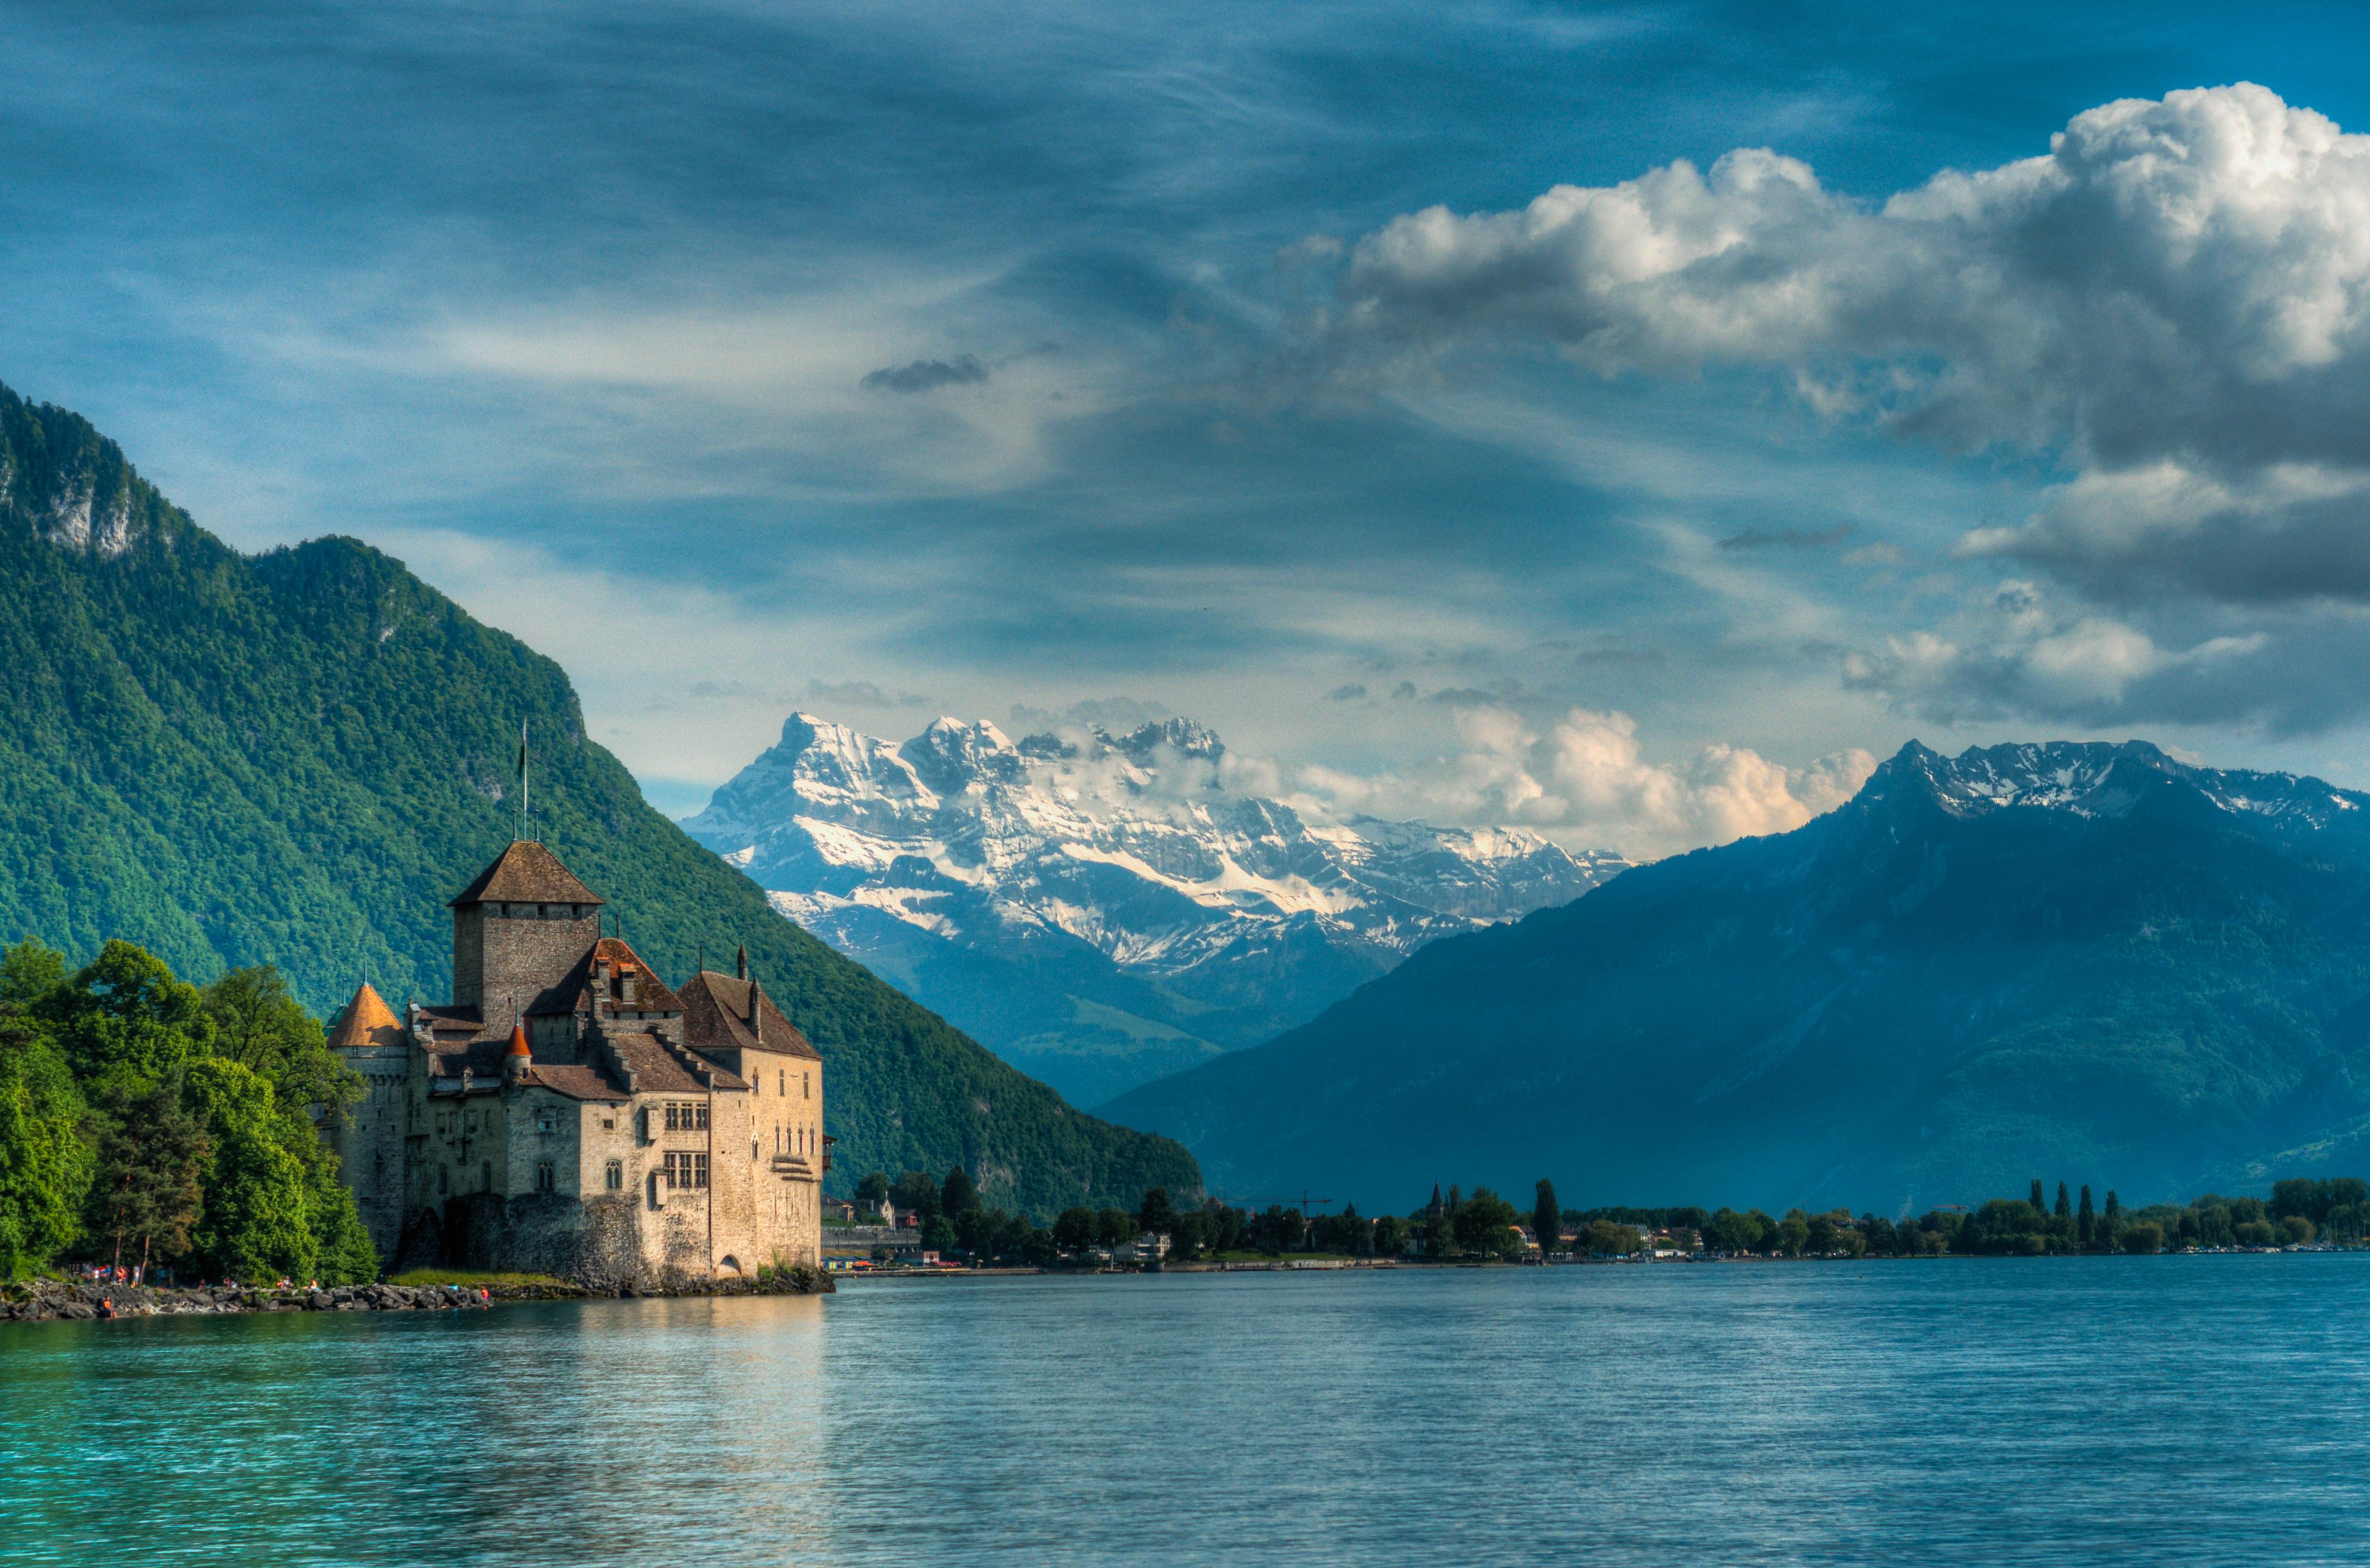 A Choice Car Insurance >> Château de Chillon | Montreux, Switzerland Attractions - Lonely Planet